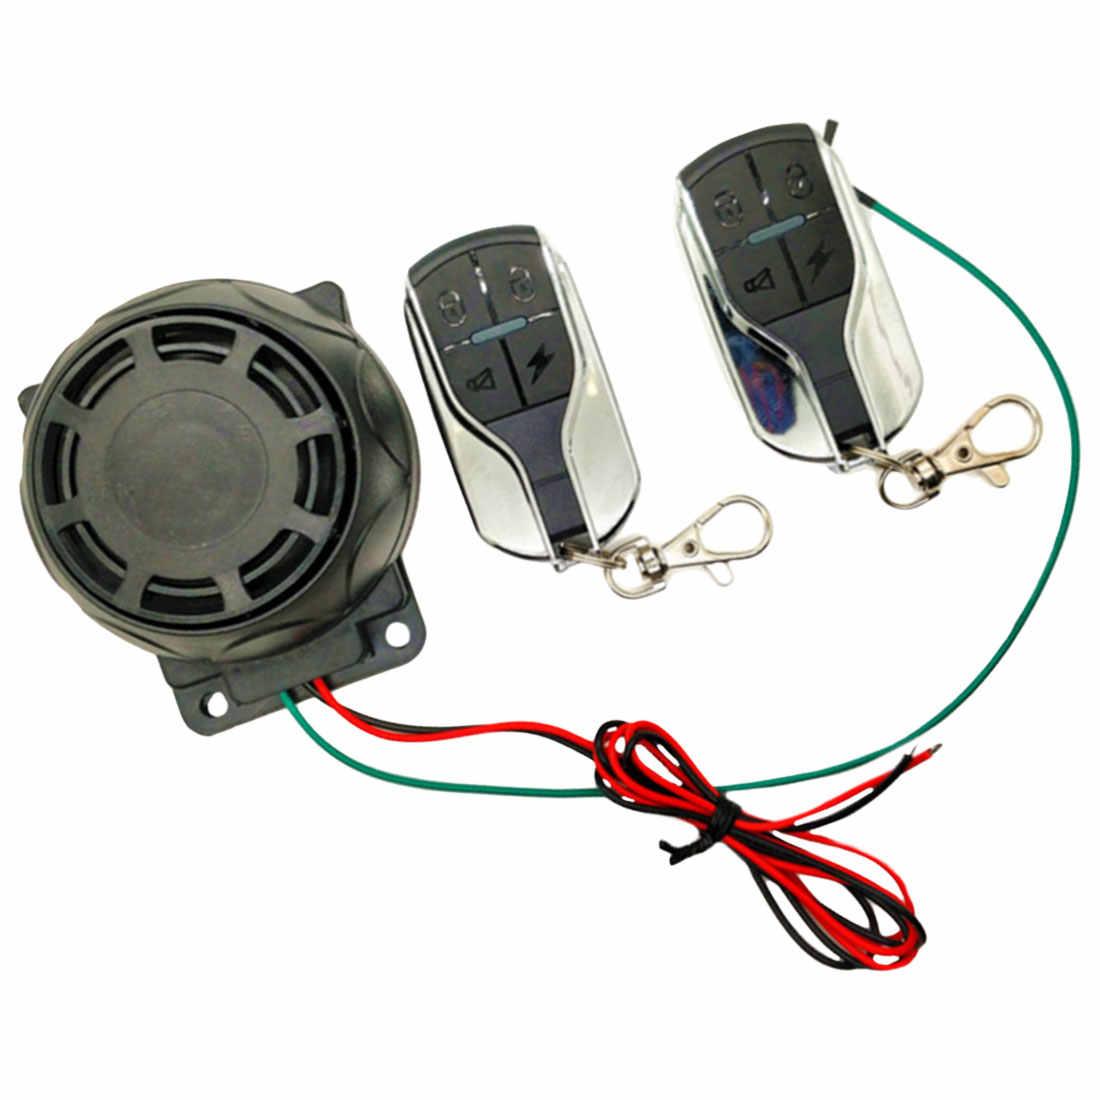 Baru Dual Remote Control Remote Control Sepeda Motor Keamanan Sistem Alarm Motor Anti-Pencurian Sepeda Moto Skuter Sistem Alarm